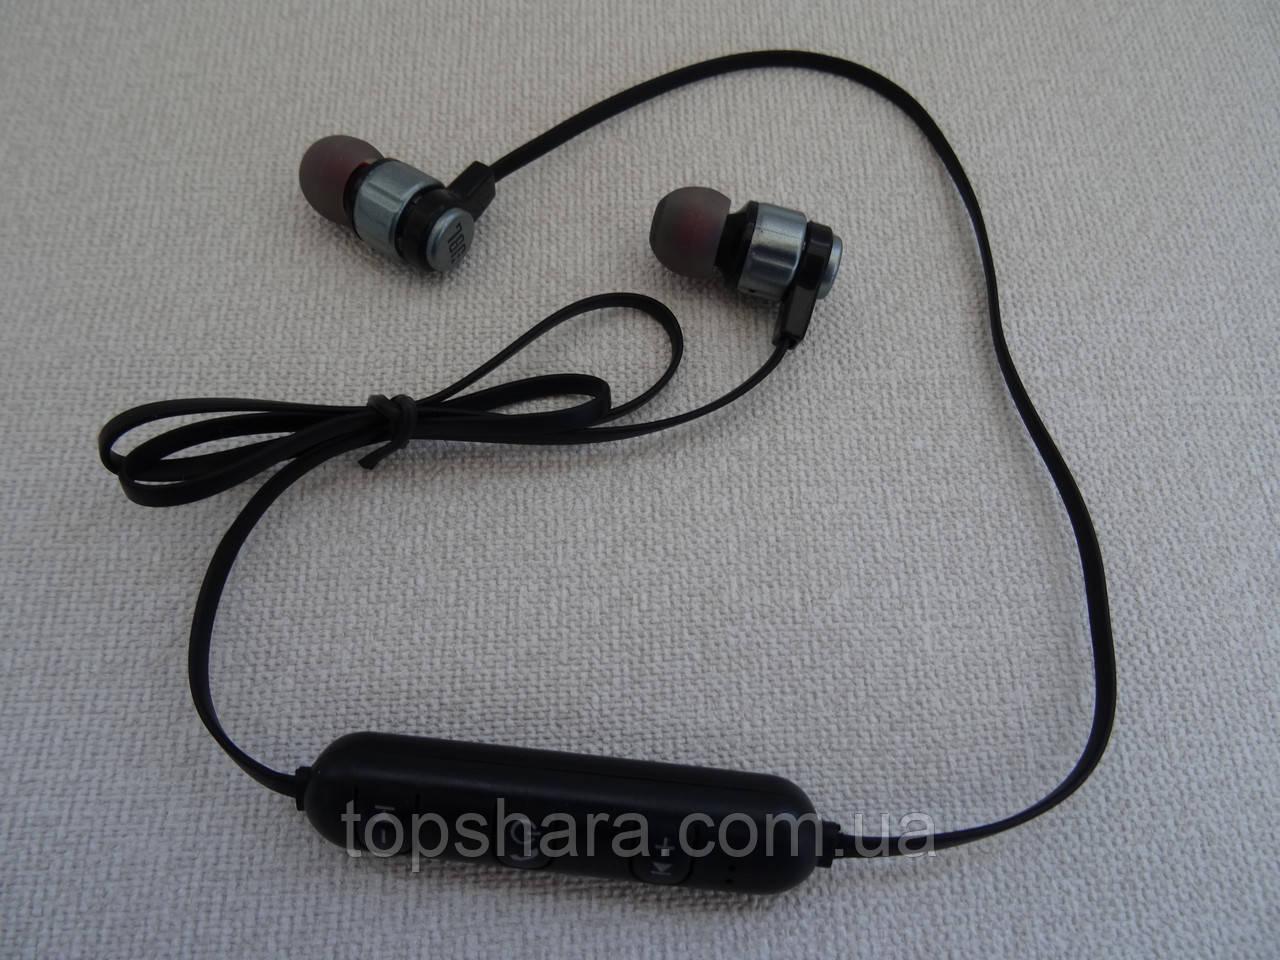 Наушники беспроводные Bluetooth JBL T-180A Hi-Fi Stereo